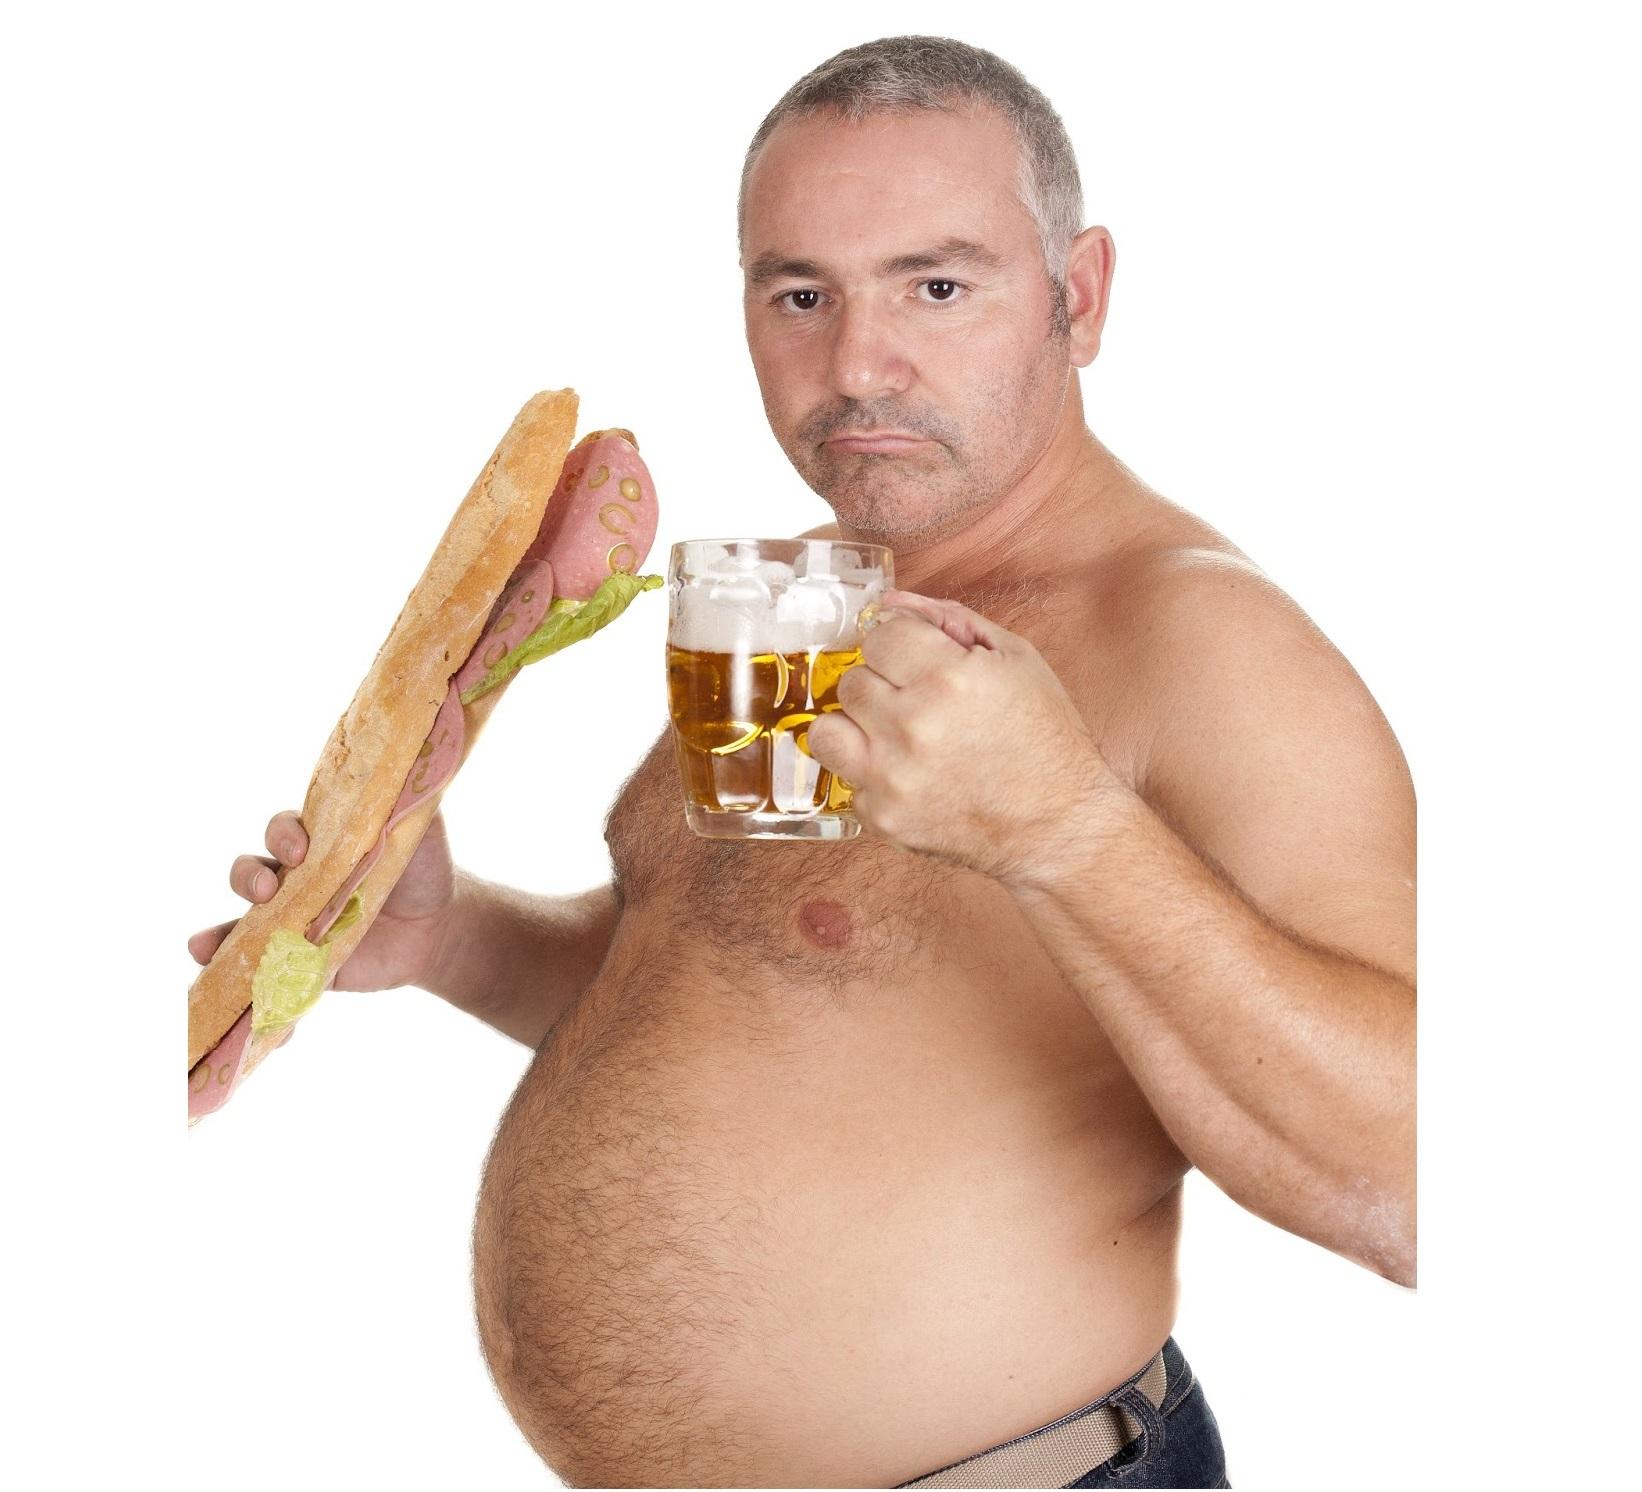 немки картинка толстого мужика с пивом пусть